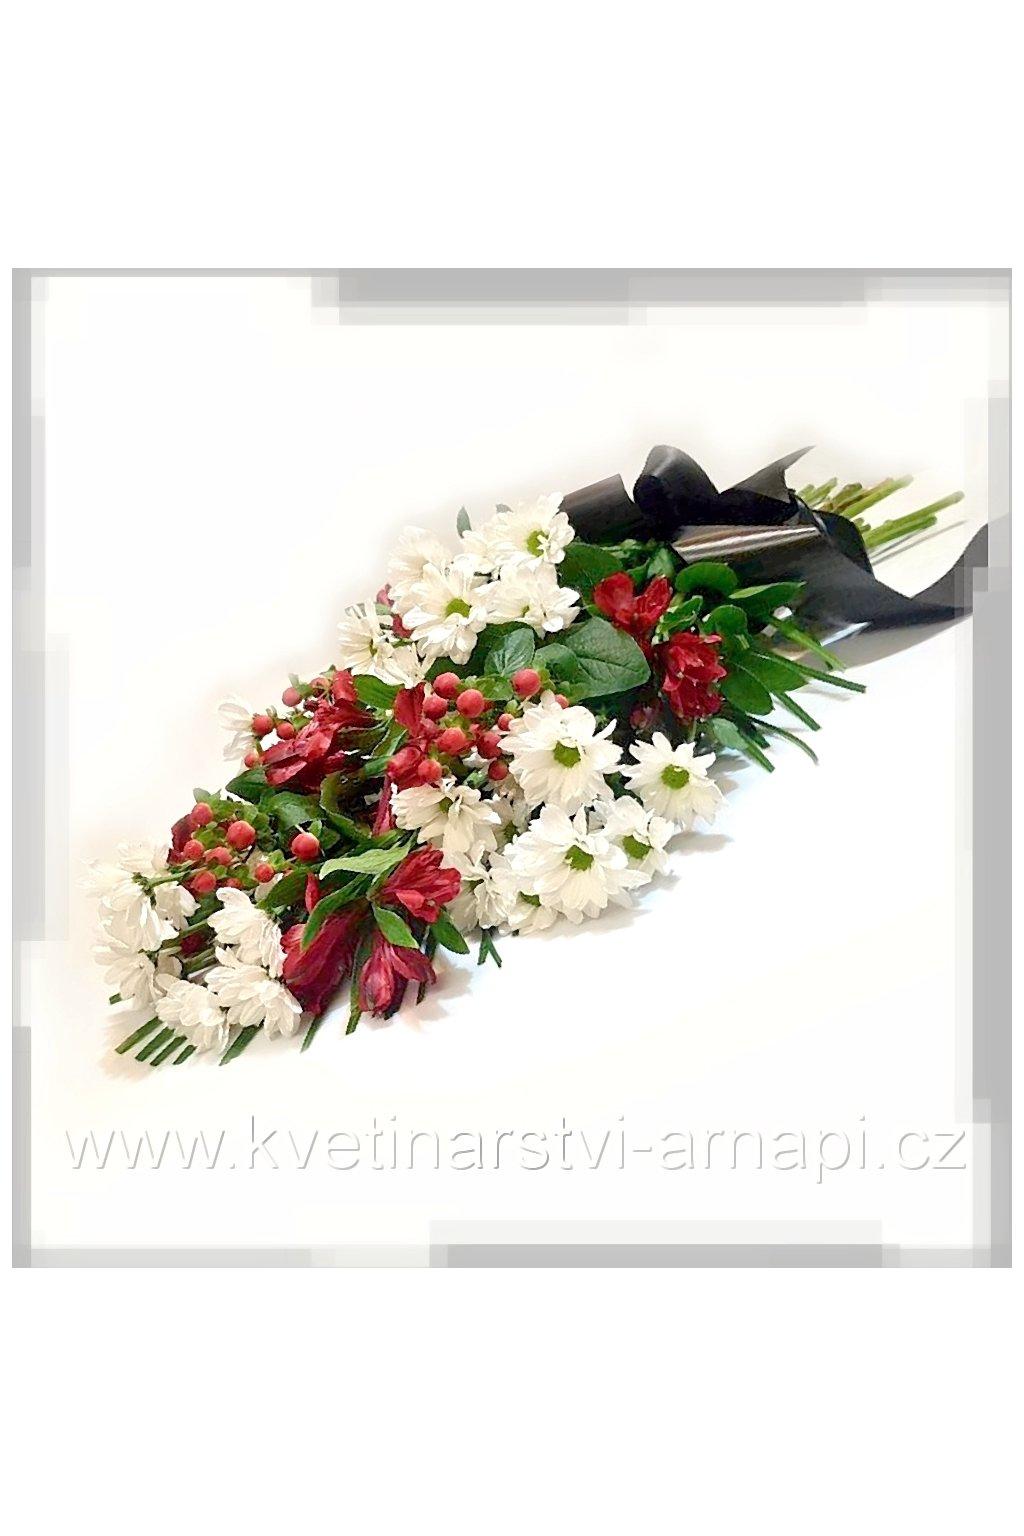 smutecni kytice stuhy rozvoz kvetinarstvi arnapi